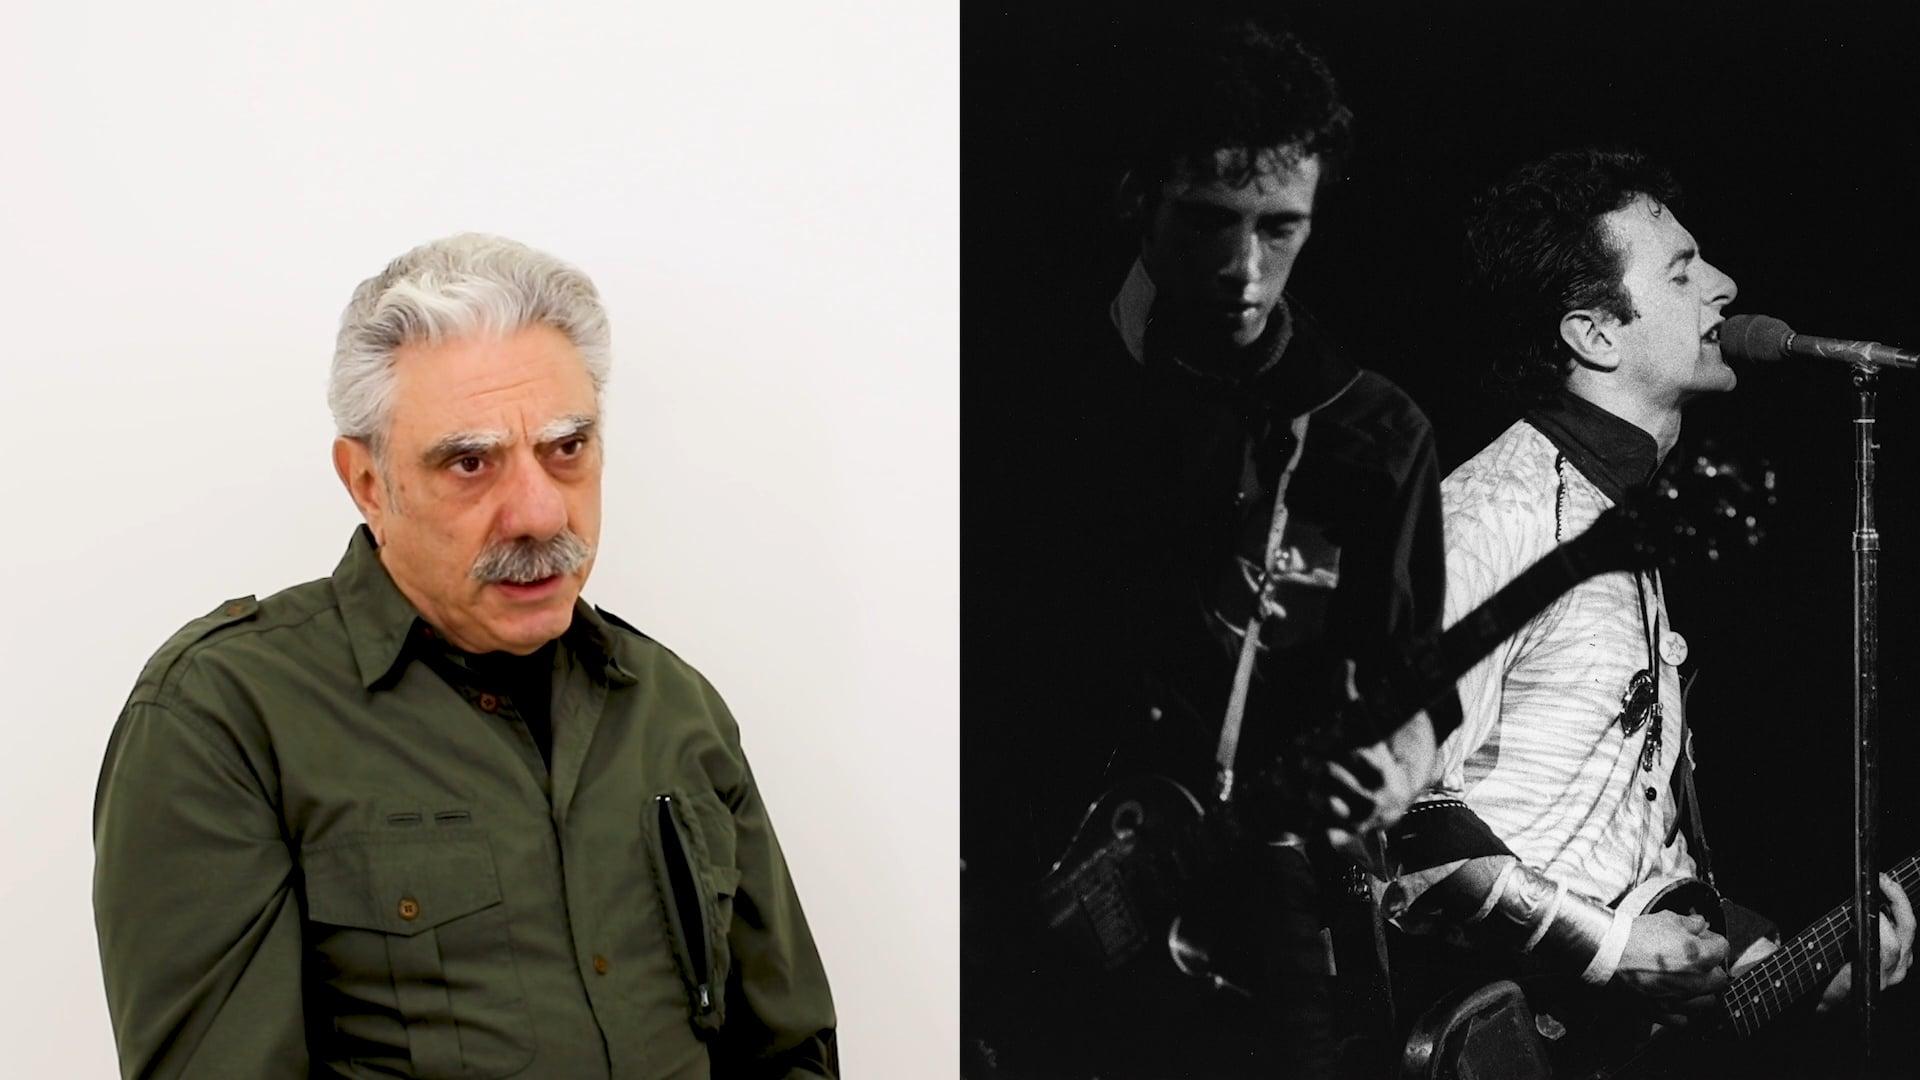 Photographer Allan Tannenbaum discusses The Clash